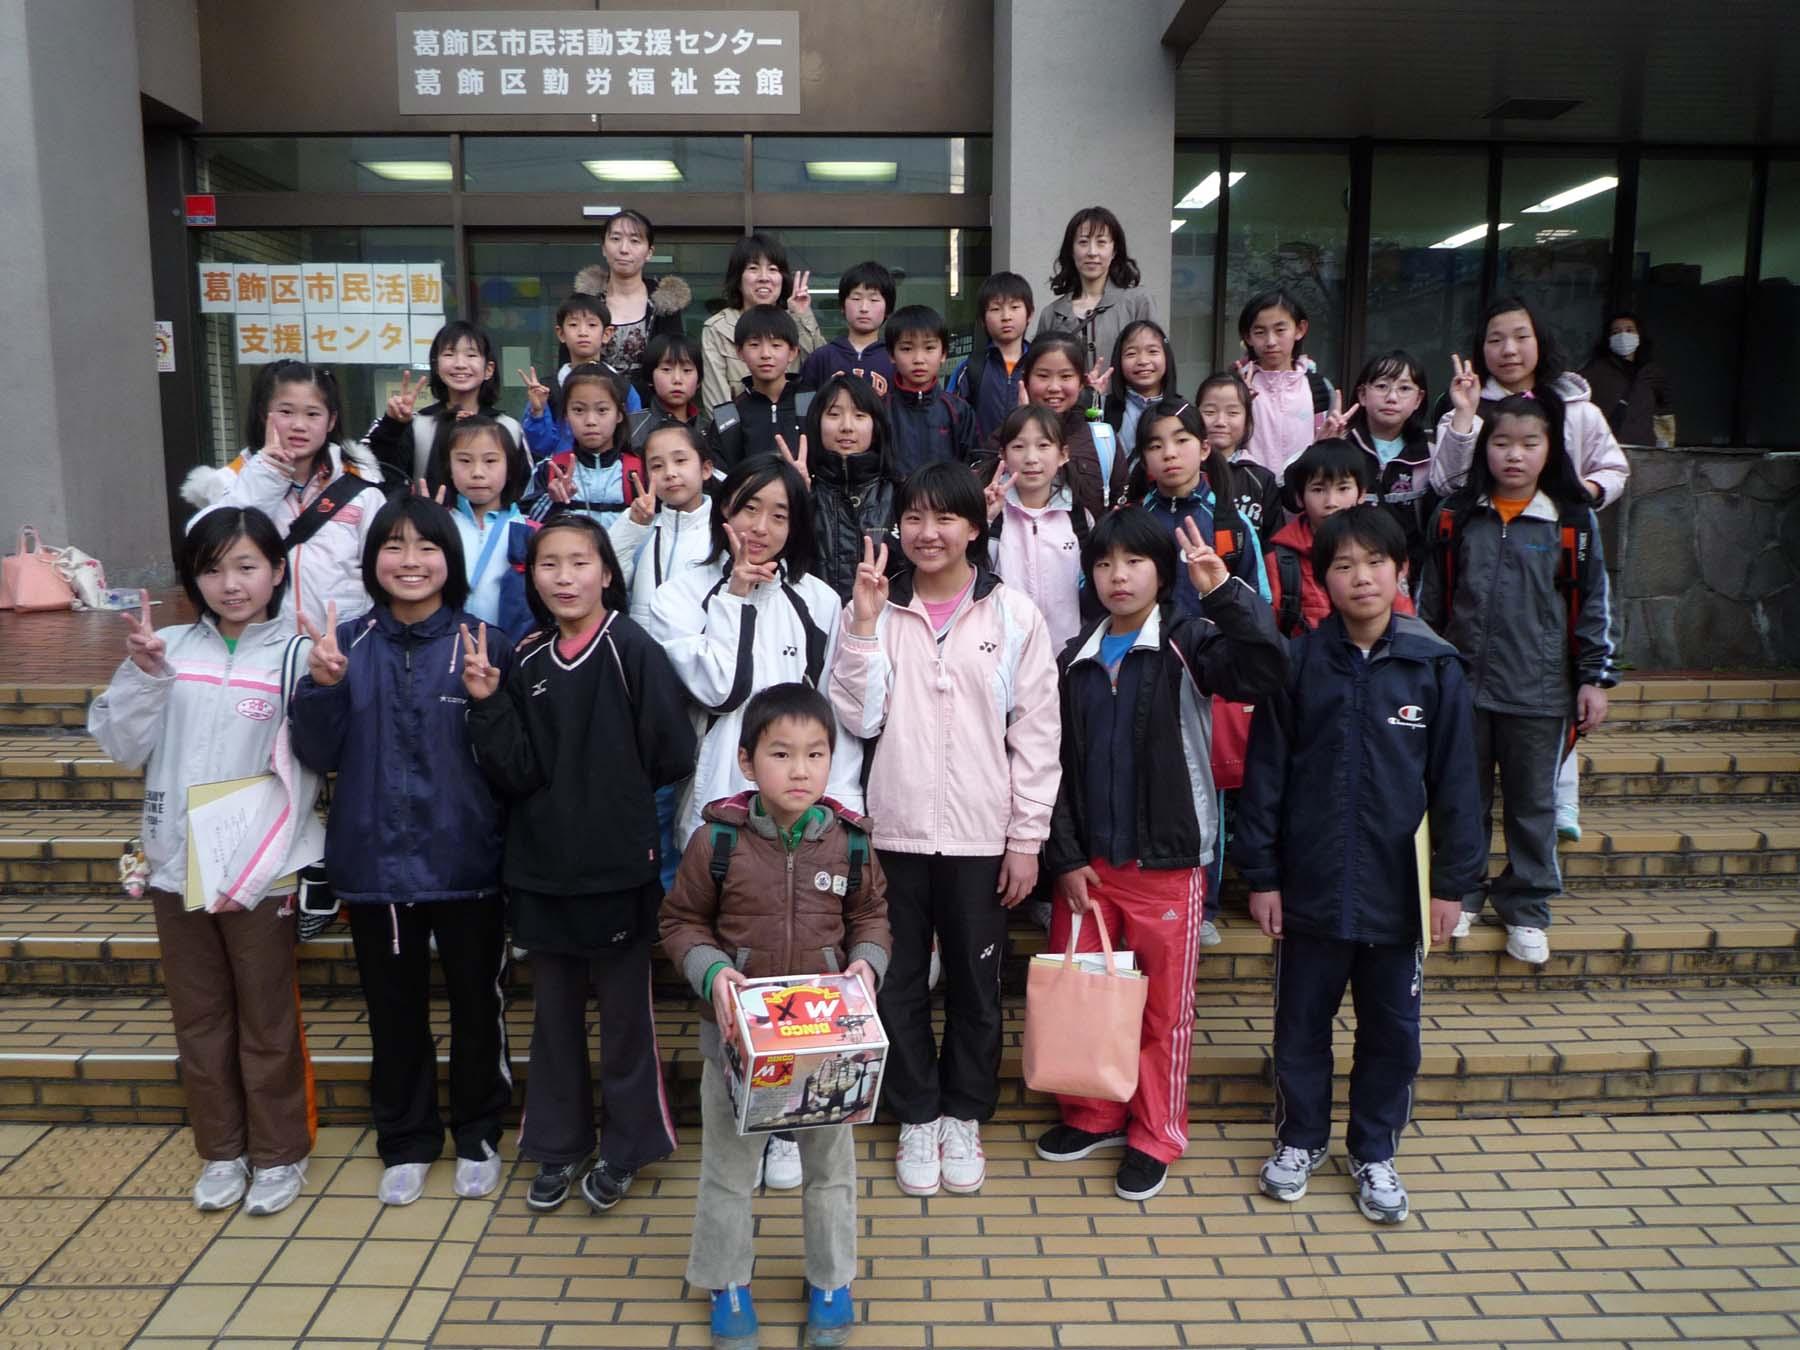 10-03-13_宝木塚ジュニア 6年生を送る会_No.2